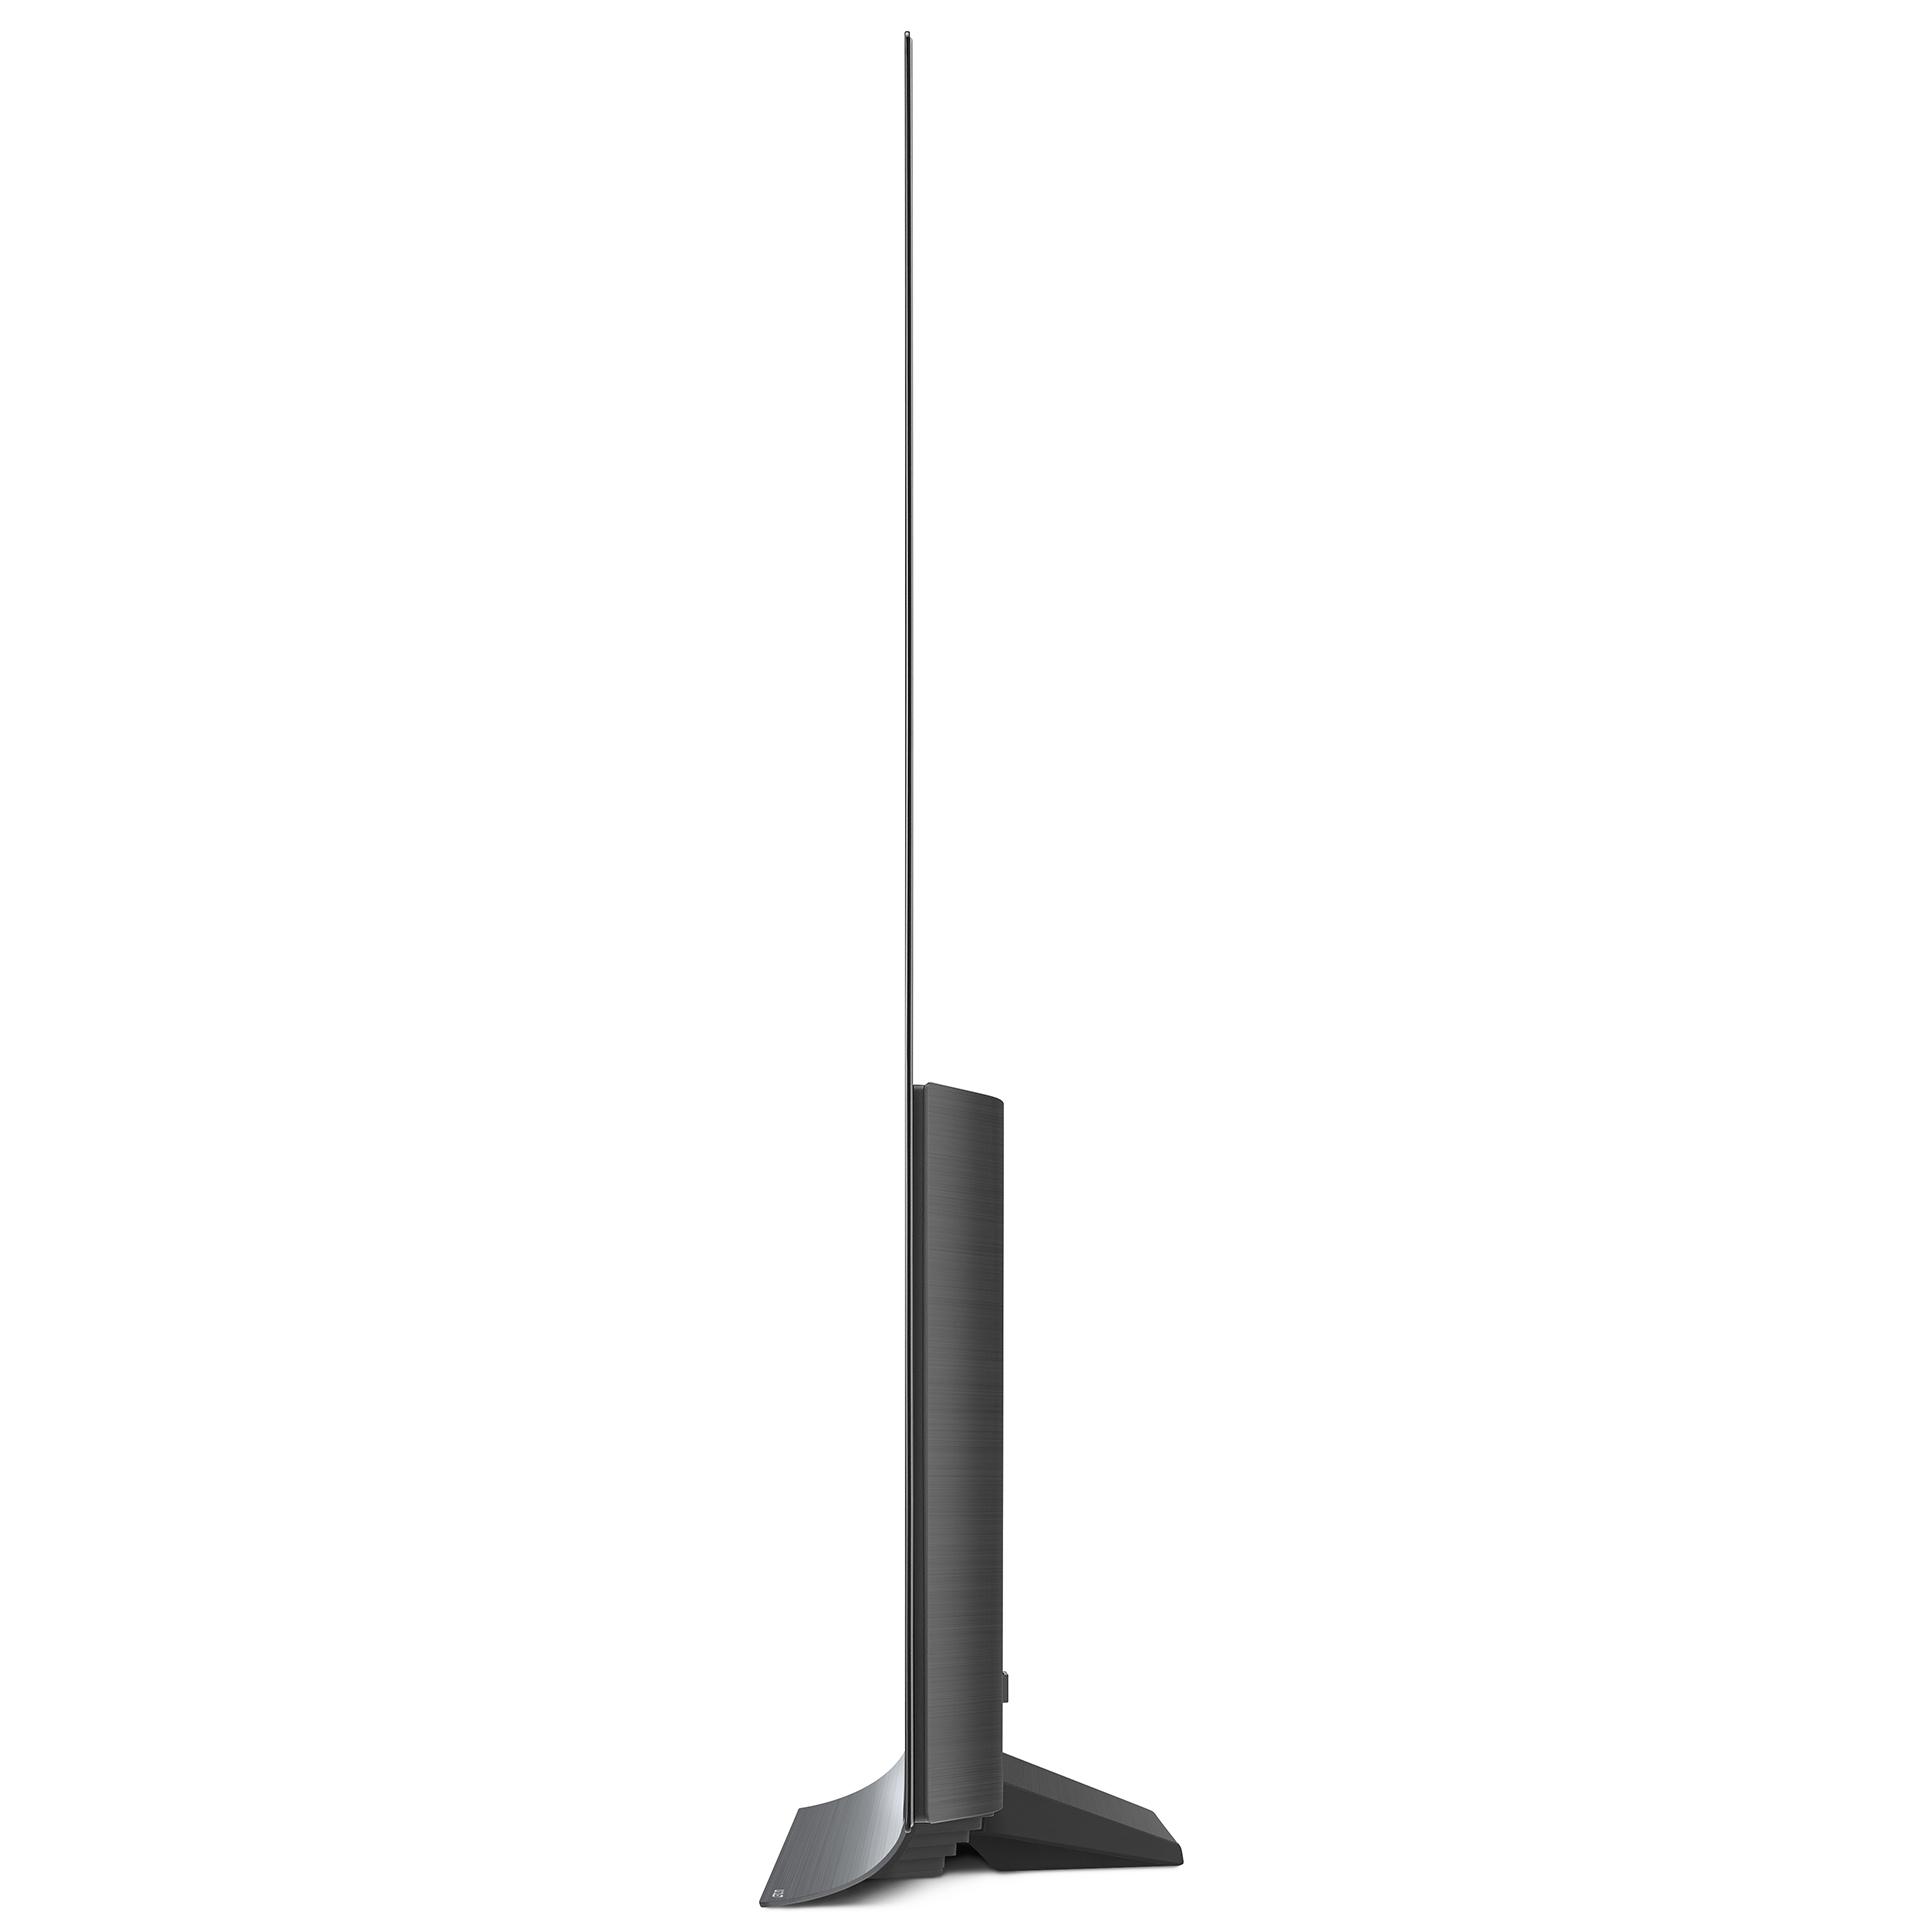 65'' OLED-teler LG C8